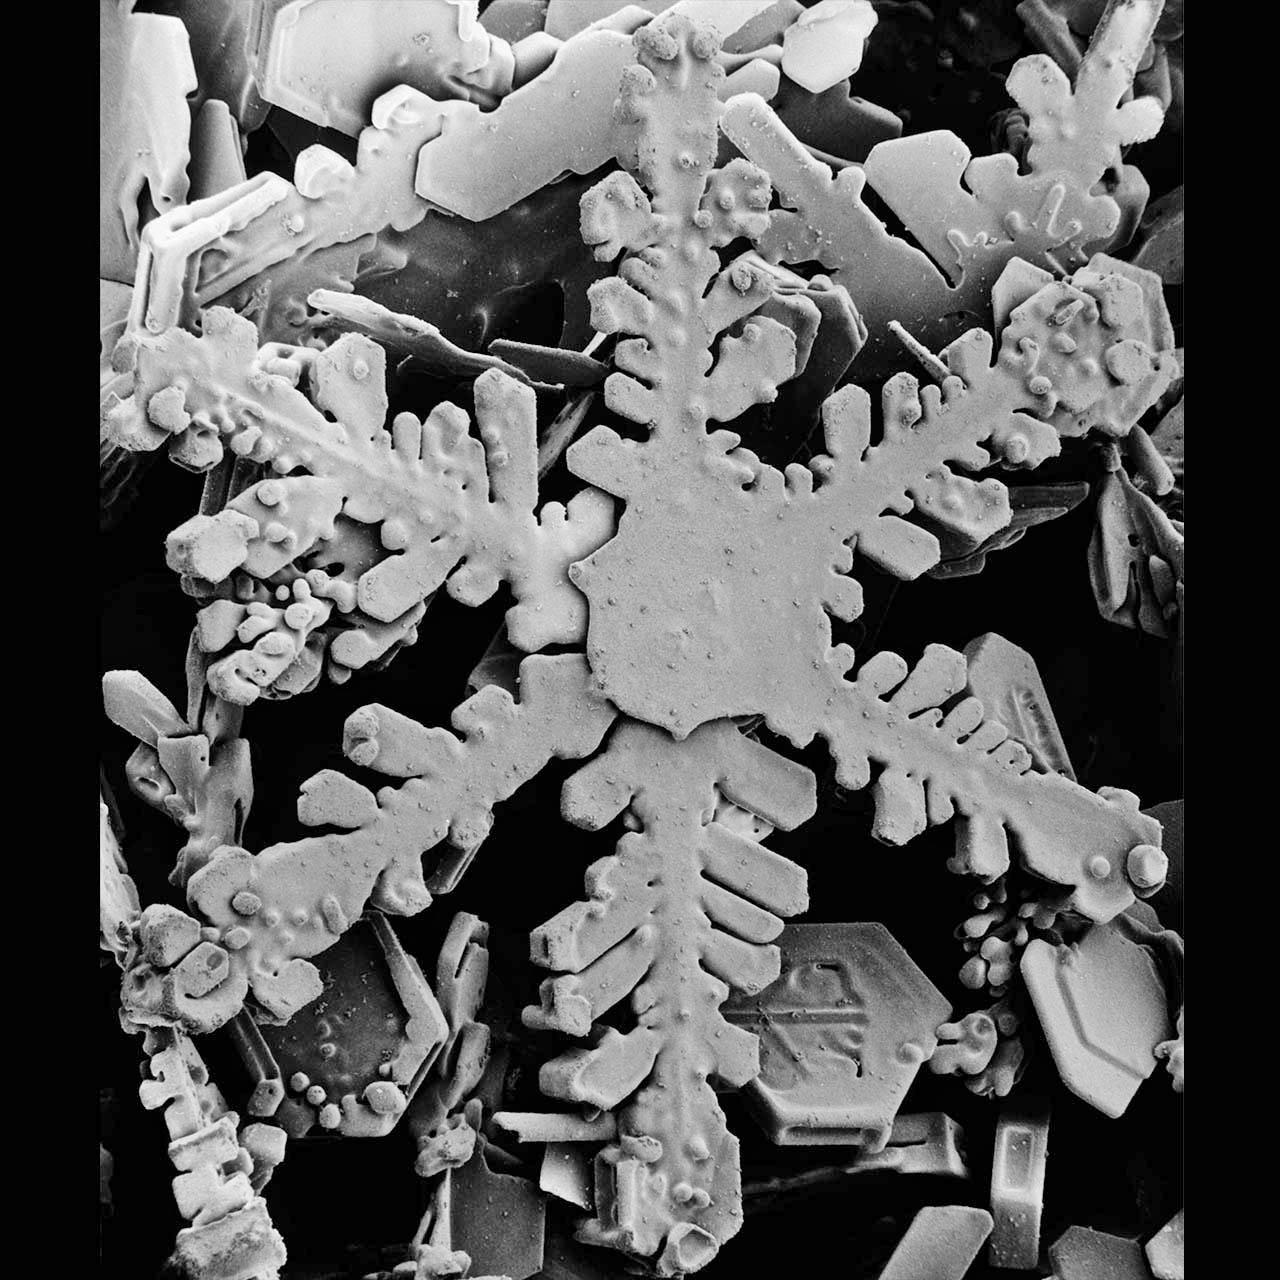 electron microscope images of snowflakes wwwimgkidcom